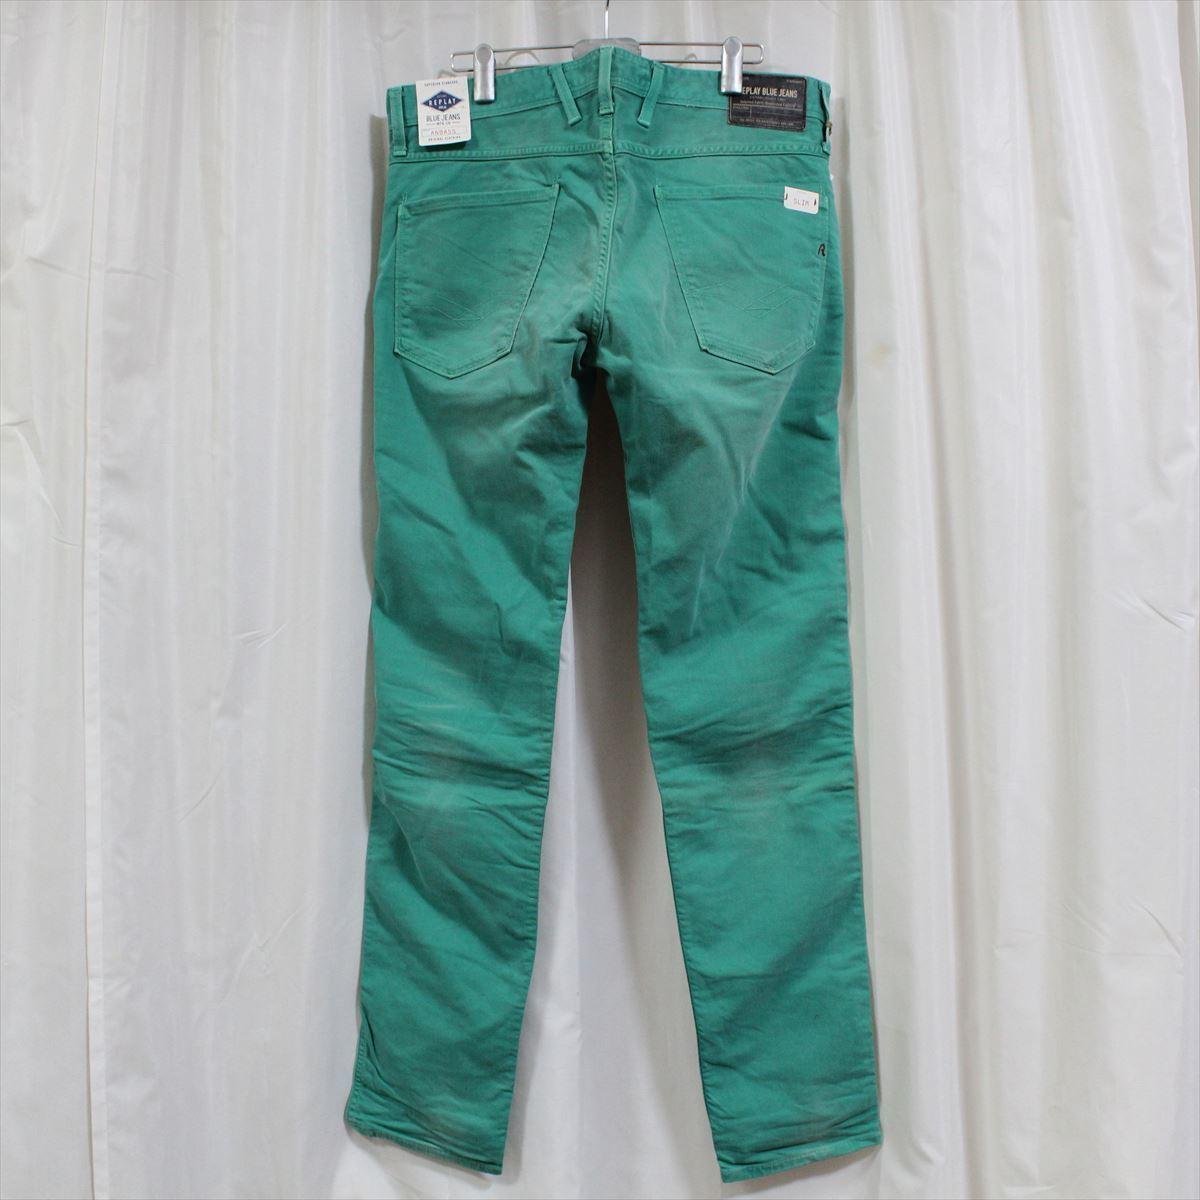 リプレイ REPLAY メンズカラーパンツ ジーンズ デニムパンツ SLIM グリーン 31インチ 新品 REPLAY BLUE JEANS anbass slim jeans_画像4